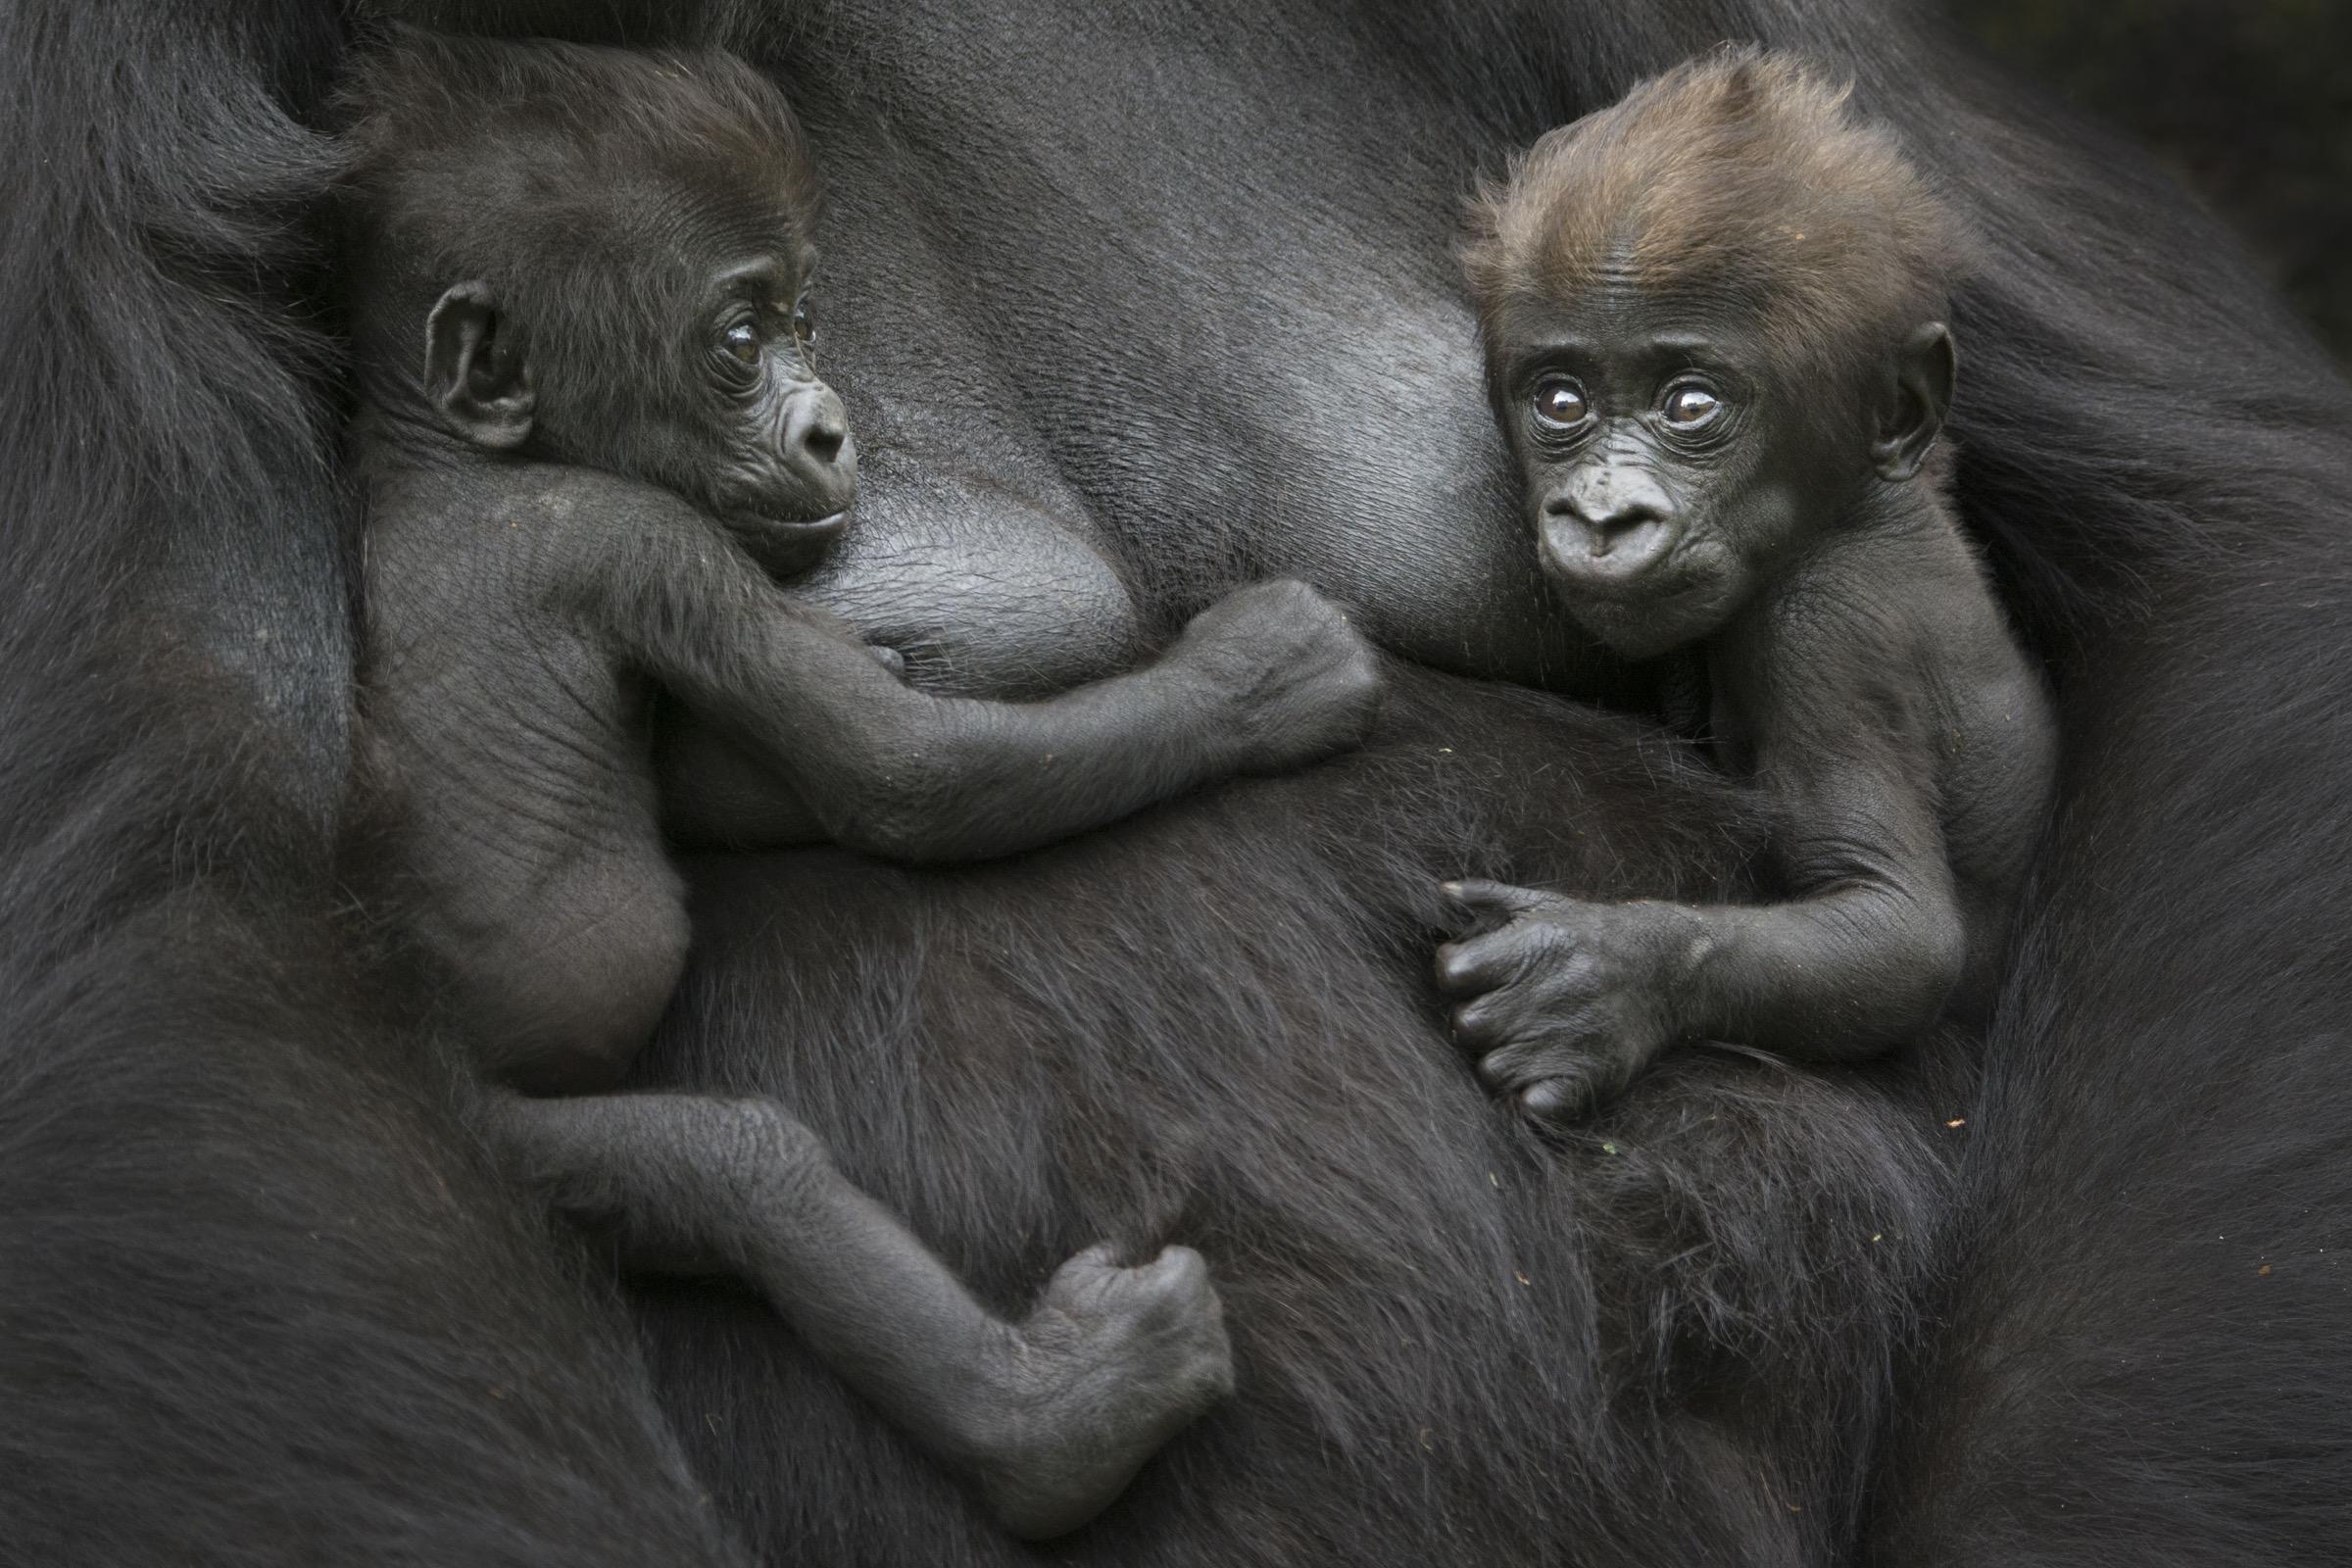 western lowland gorillas (Gorilla gorilla gorilla)